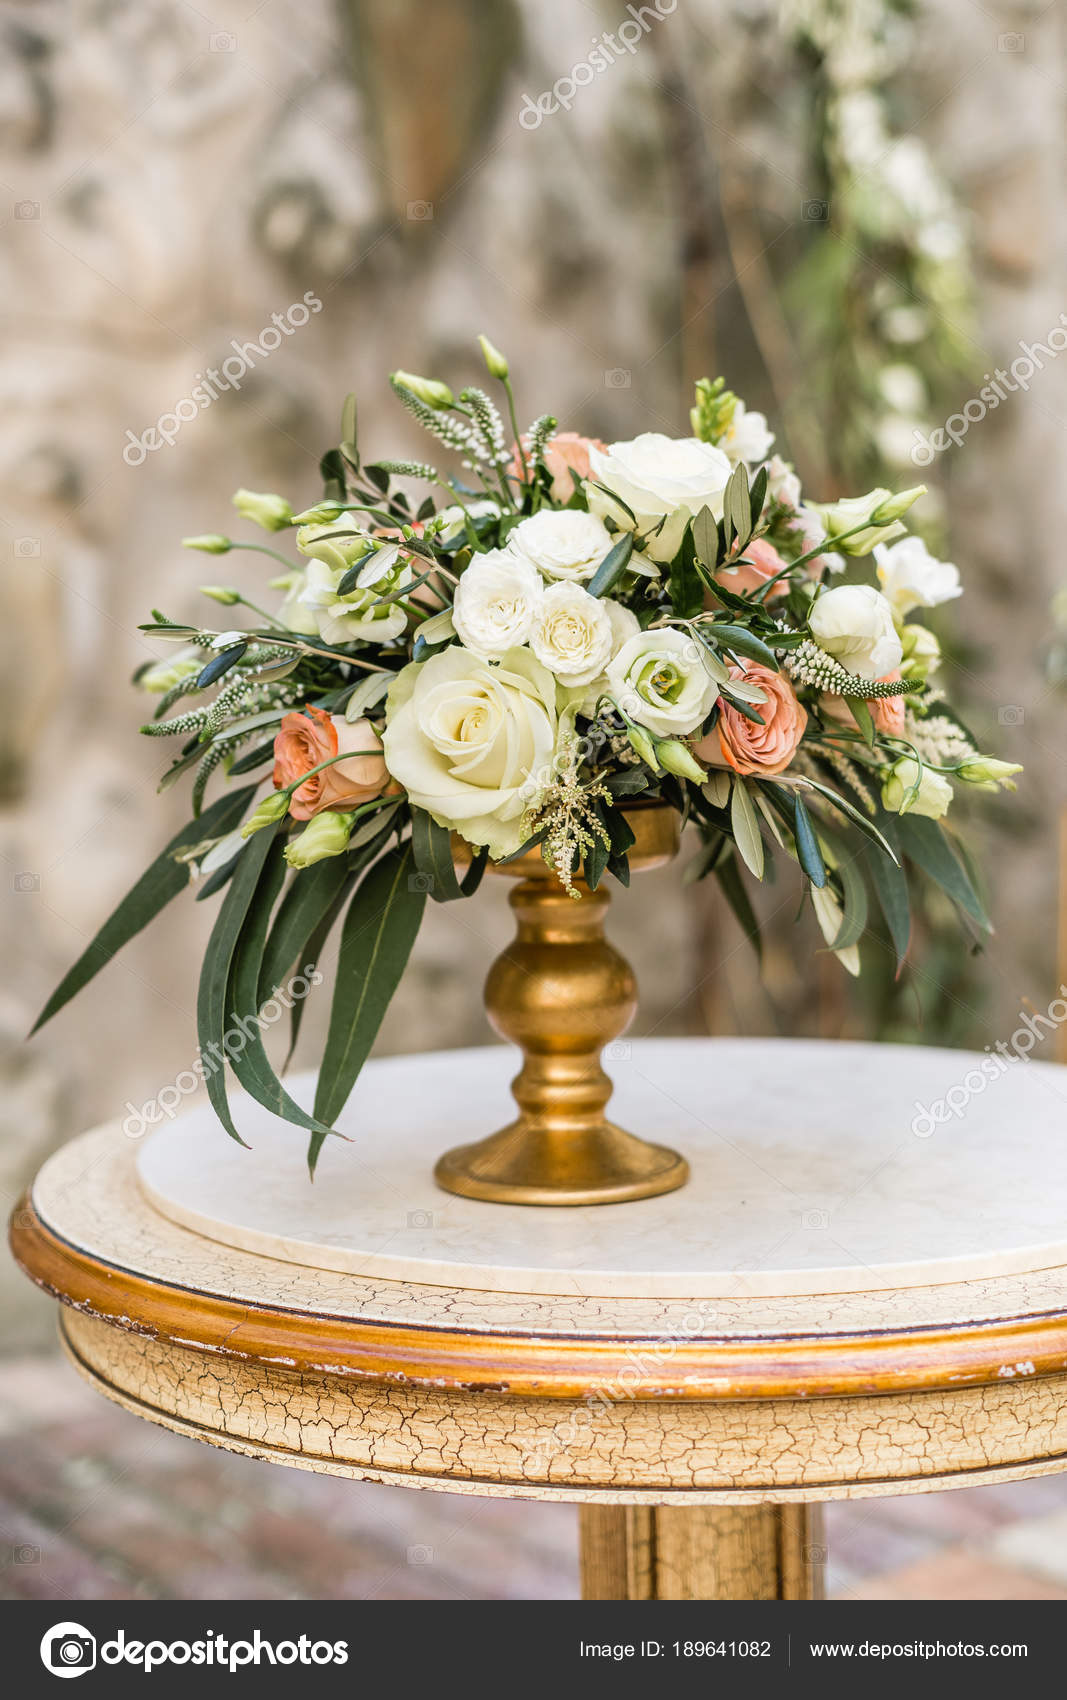 Decoration Florale Mariage Avec Des Fleurs Fraiches Pastels Sur